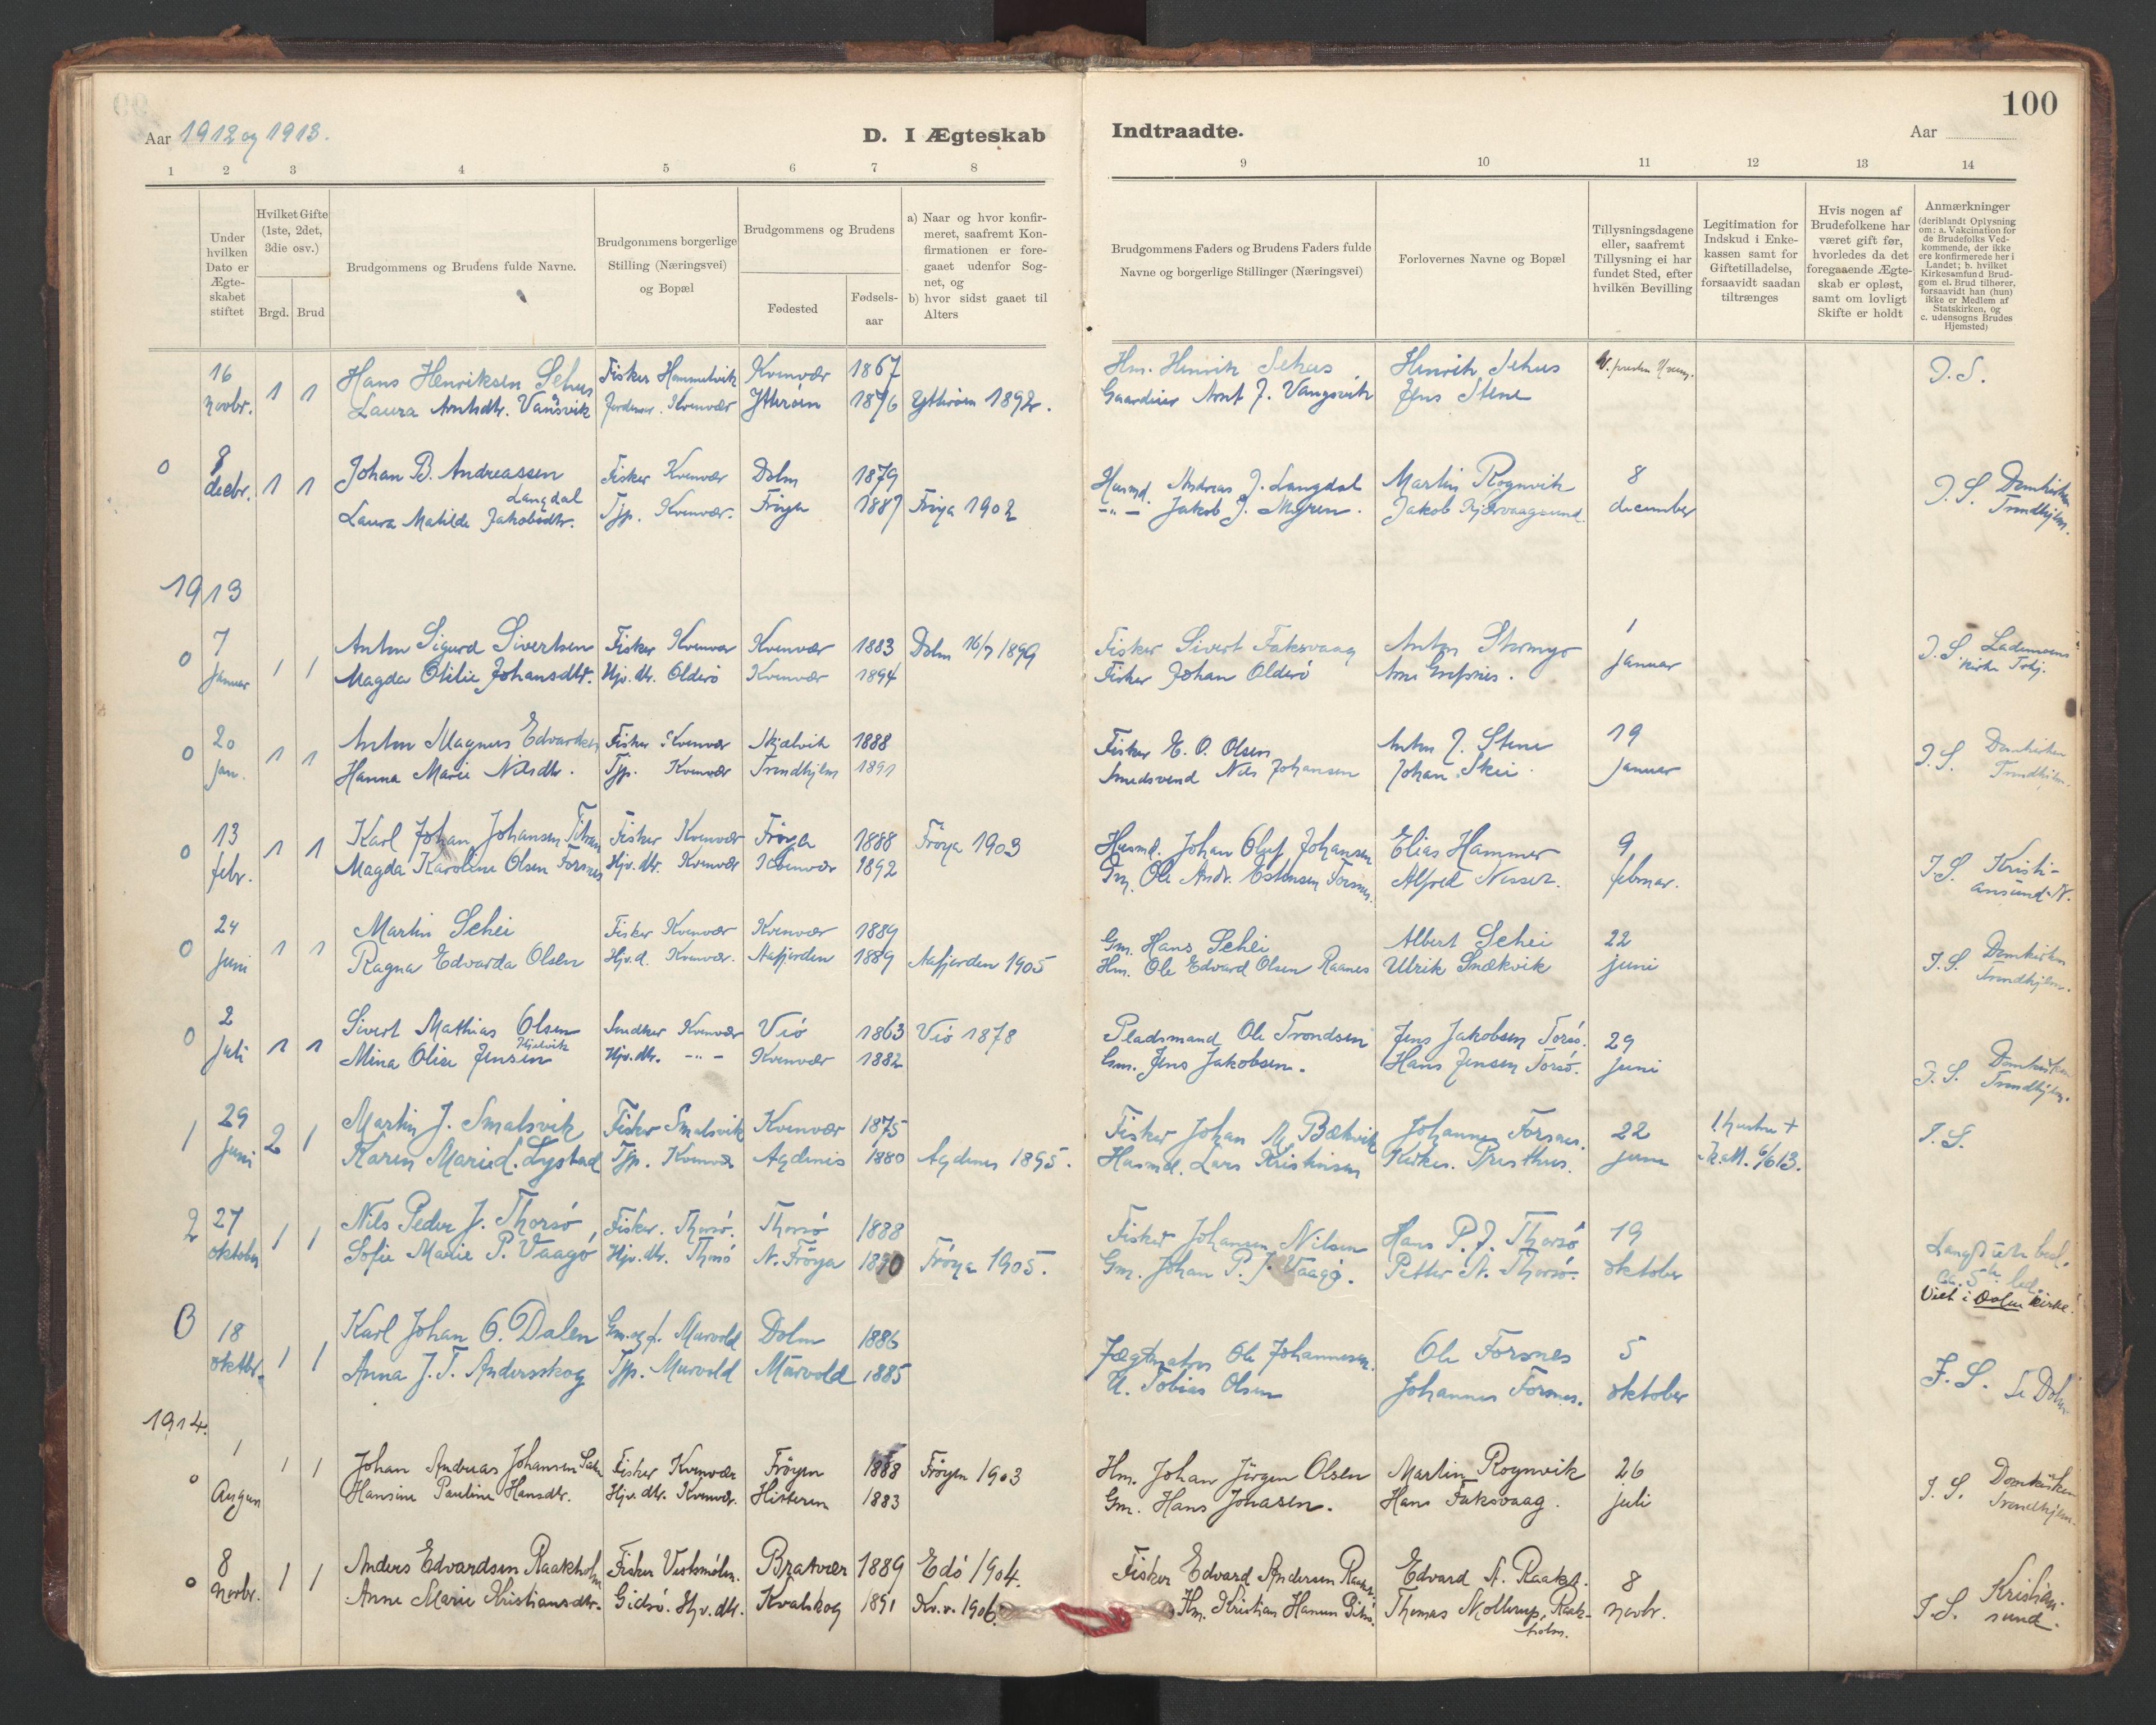 SAT, Ministerialprotokoller, klokkerbøker og fødselsregistre - Sør-Trøndelag, 635/L0552: Ministerialbok nr. 635A02, 1899-1919, s. 100